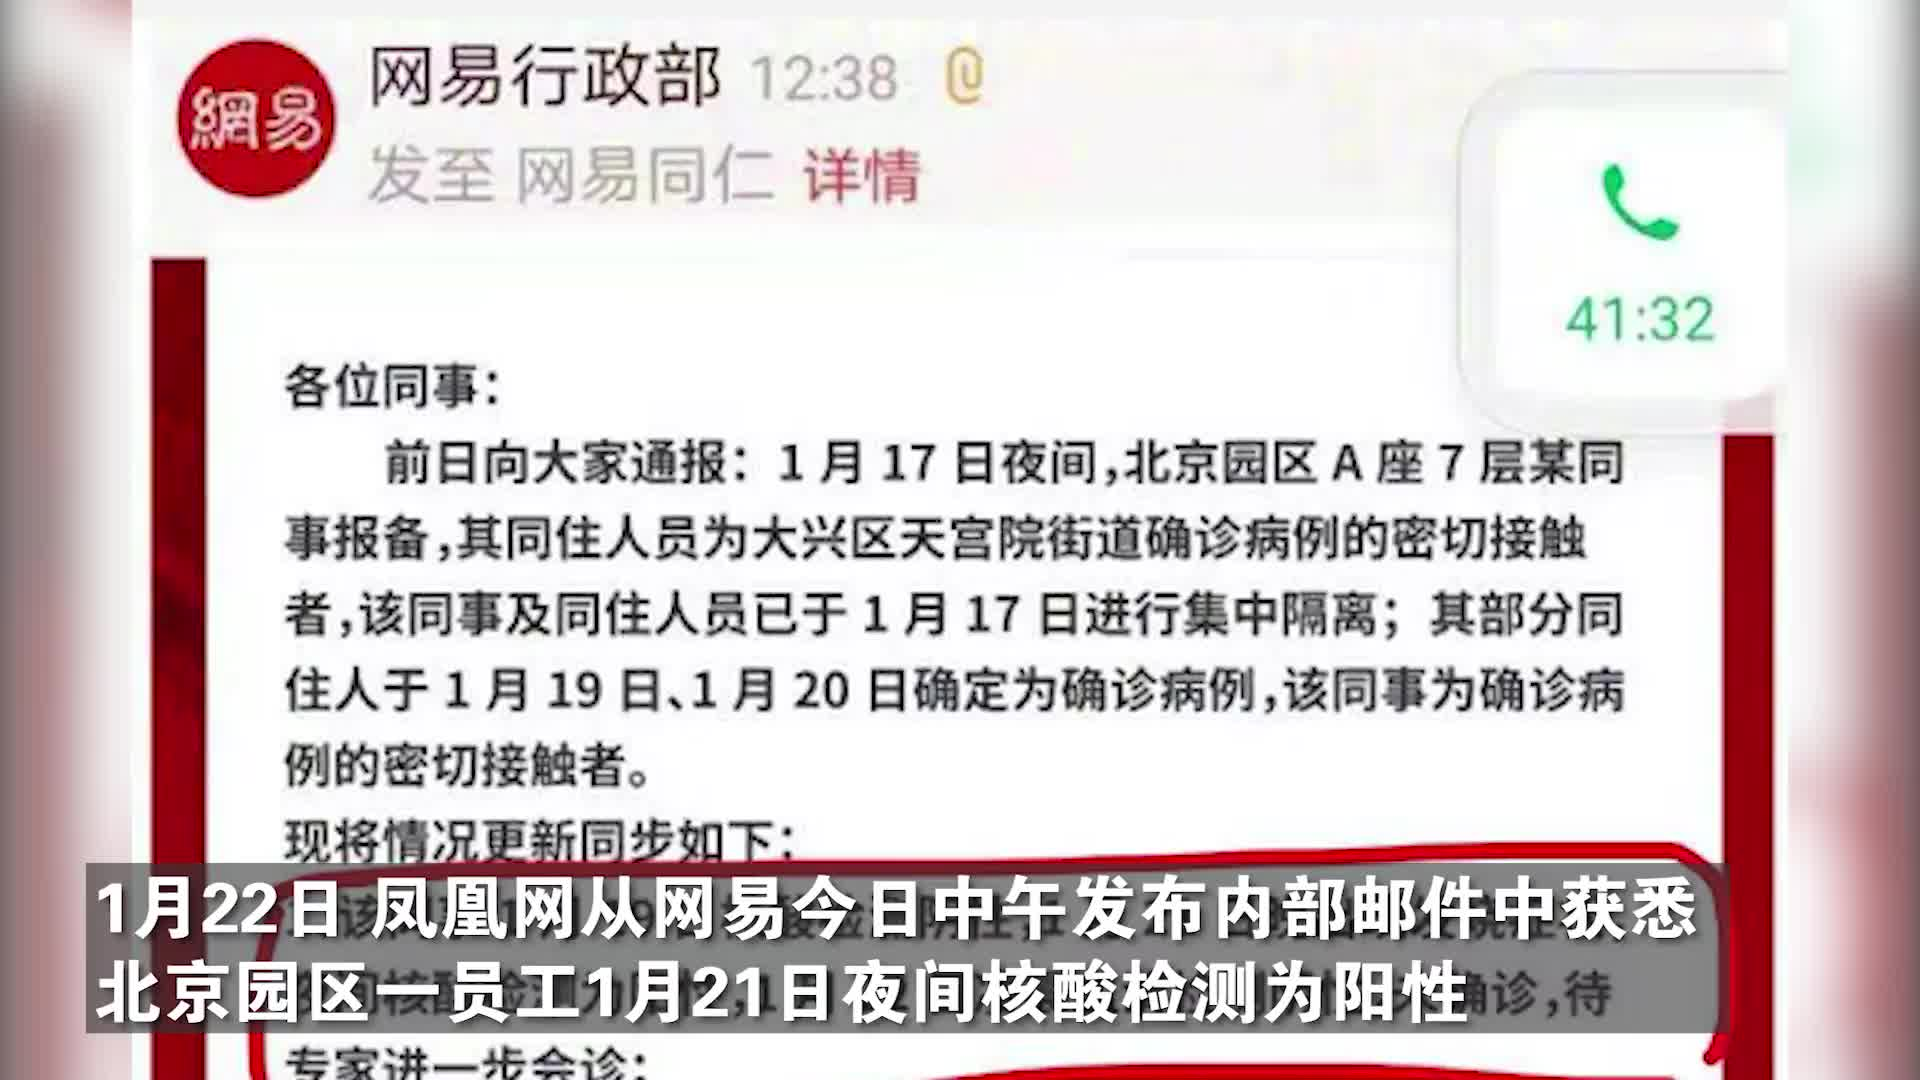 现场!网易北京一员工核酸检测阳性:全员核酸检测并居家办公